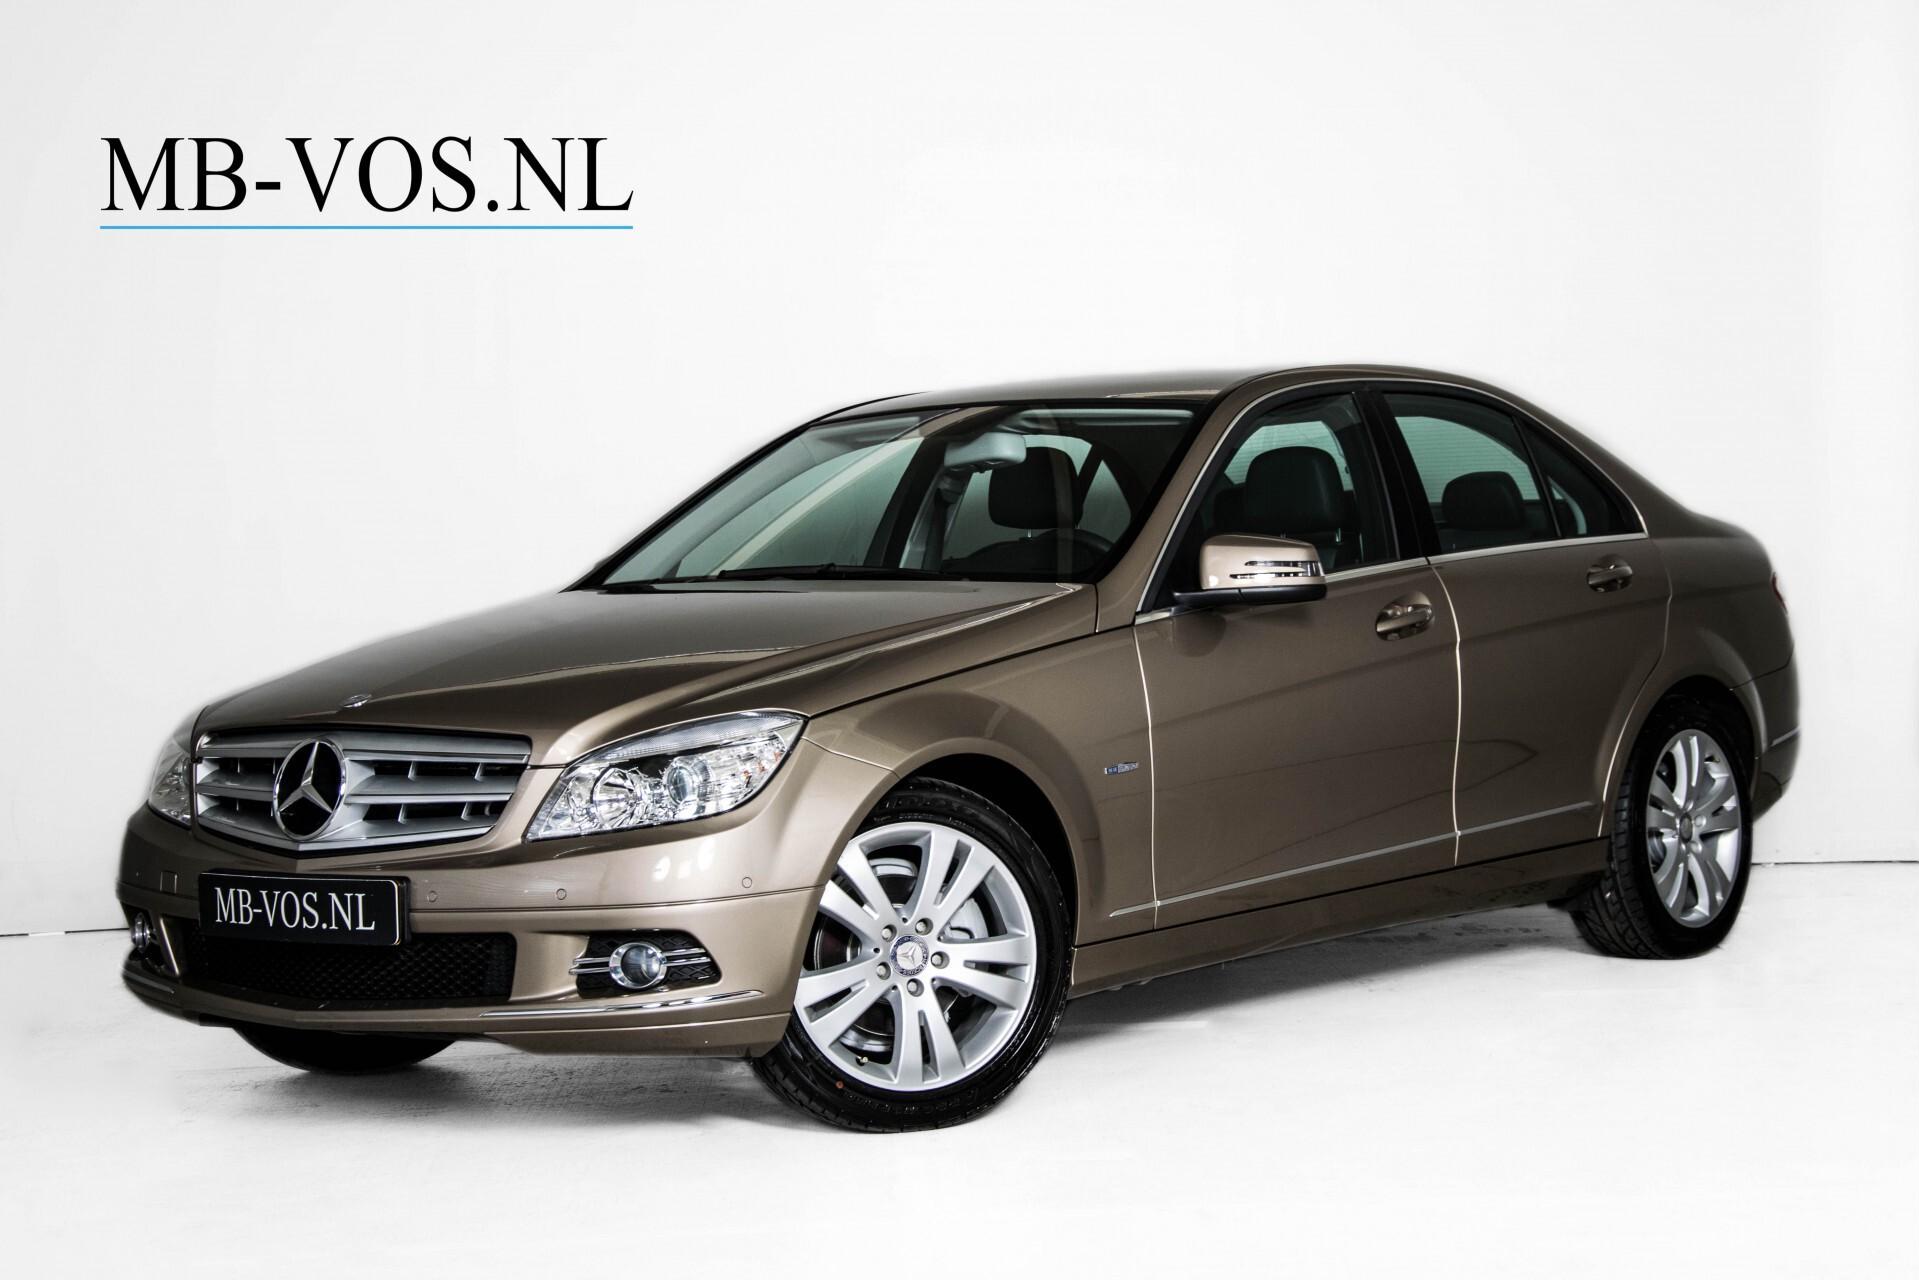 Mercedes-Benz C-Klasse 180 K Avantgarde 1ste eigenaar/NL geleverd/Dealer onderhouden/Volledig gedocumenteerd Foto 1